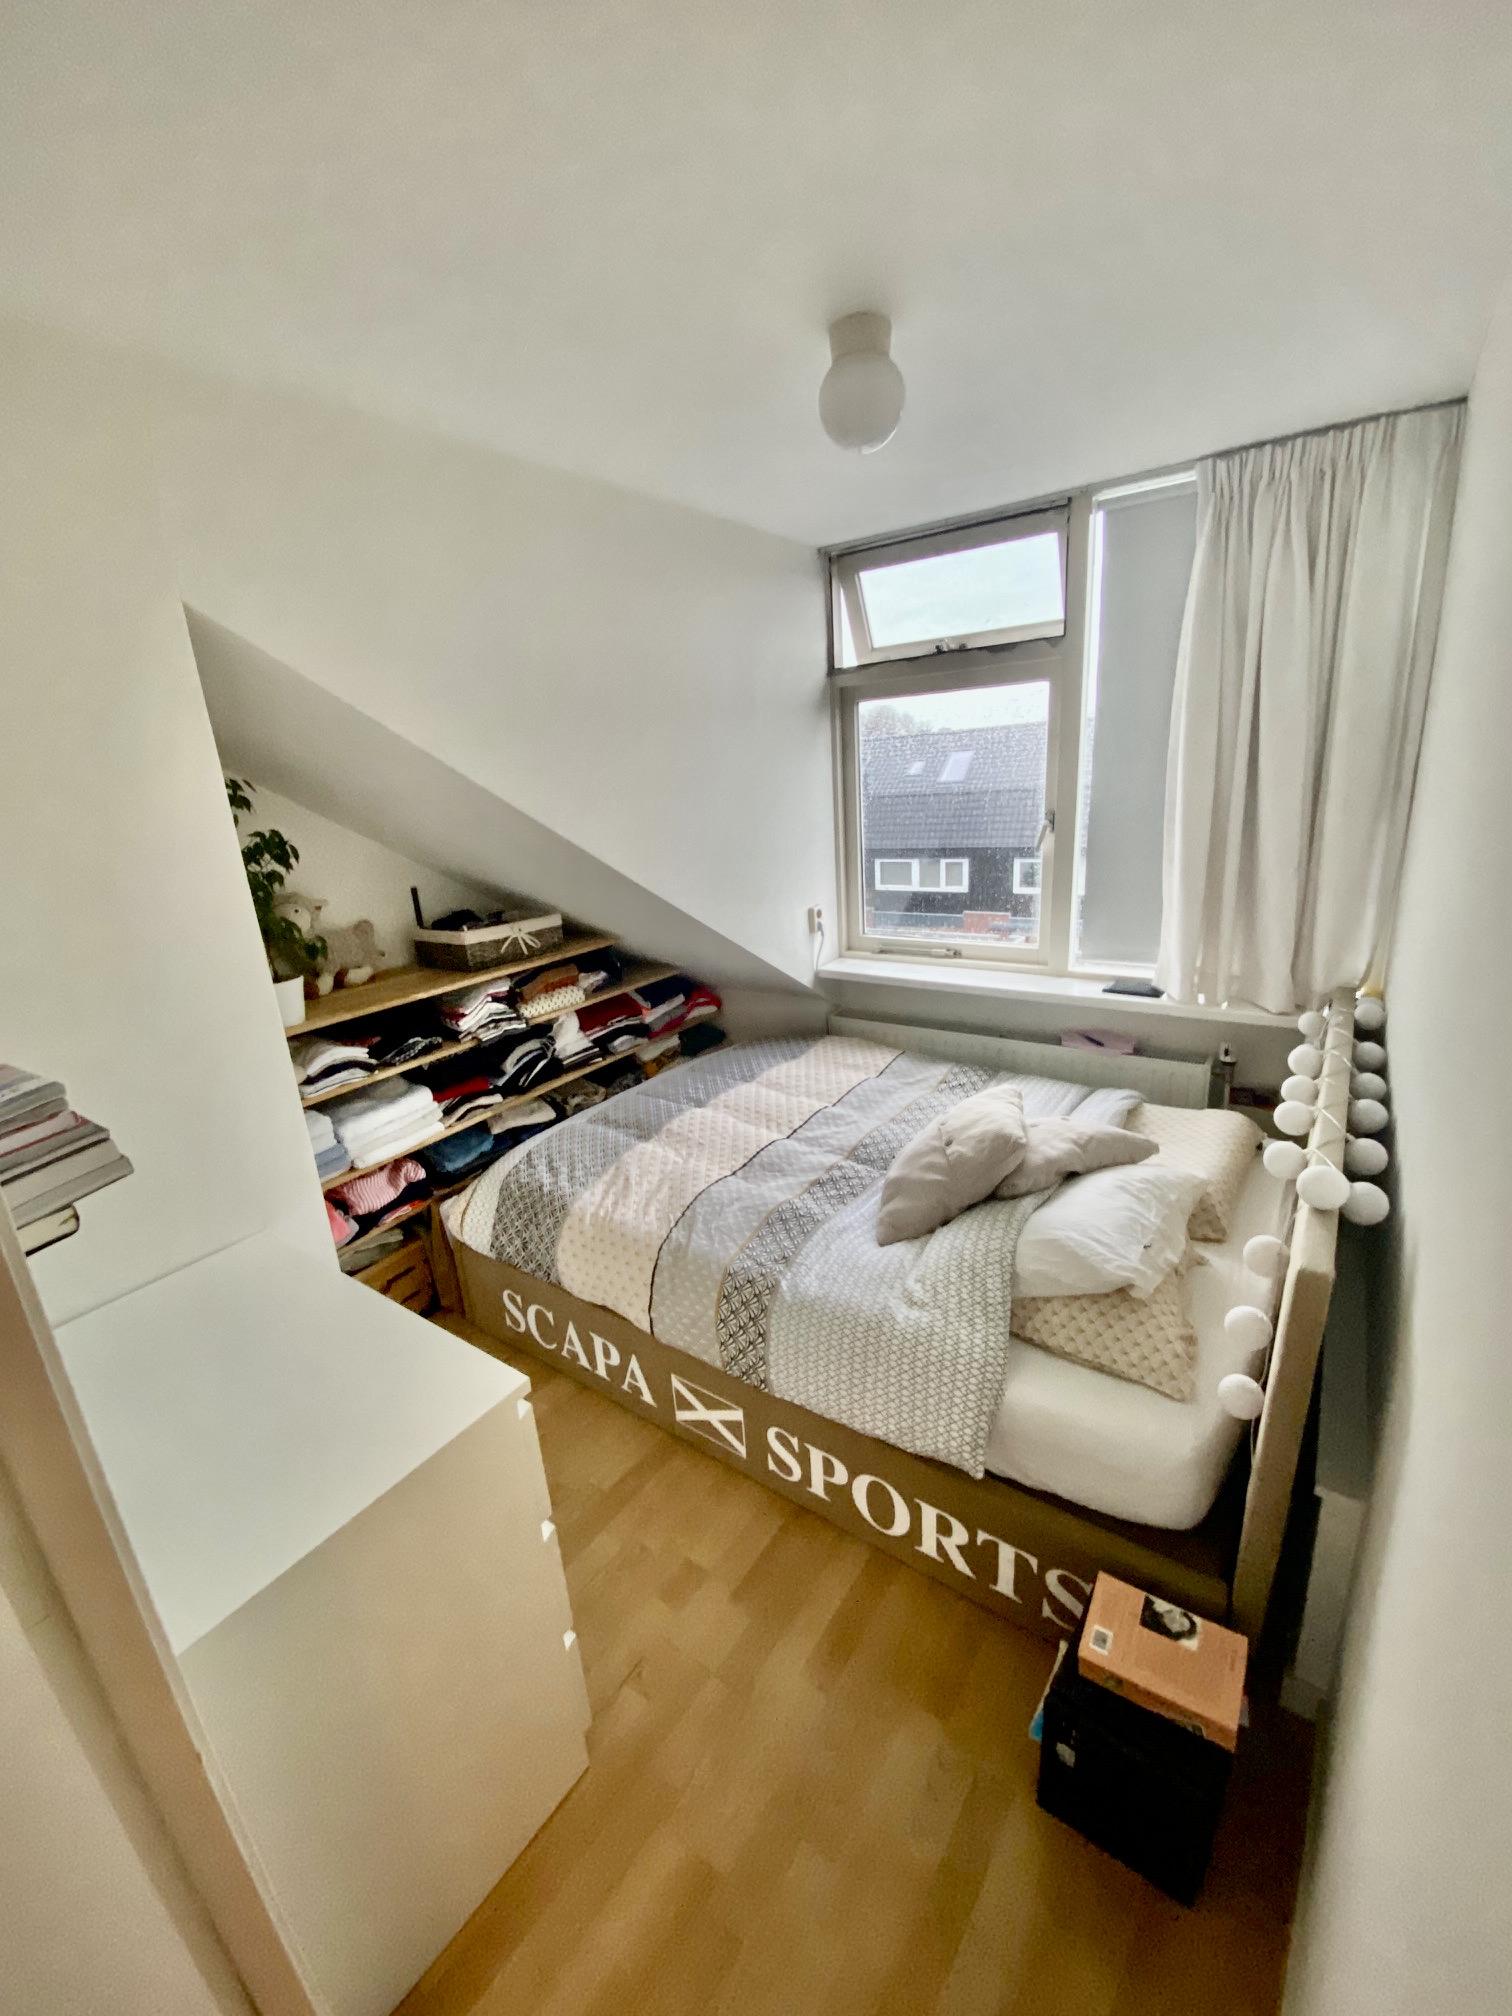 Te huur : Appartement Leidsevaart 436 in Haarlem